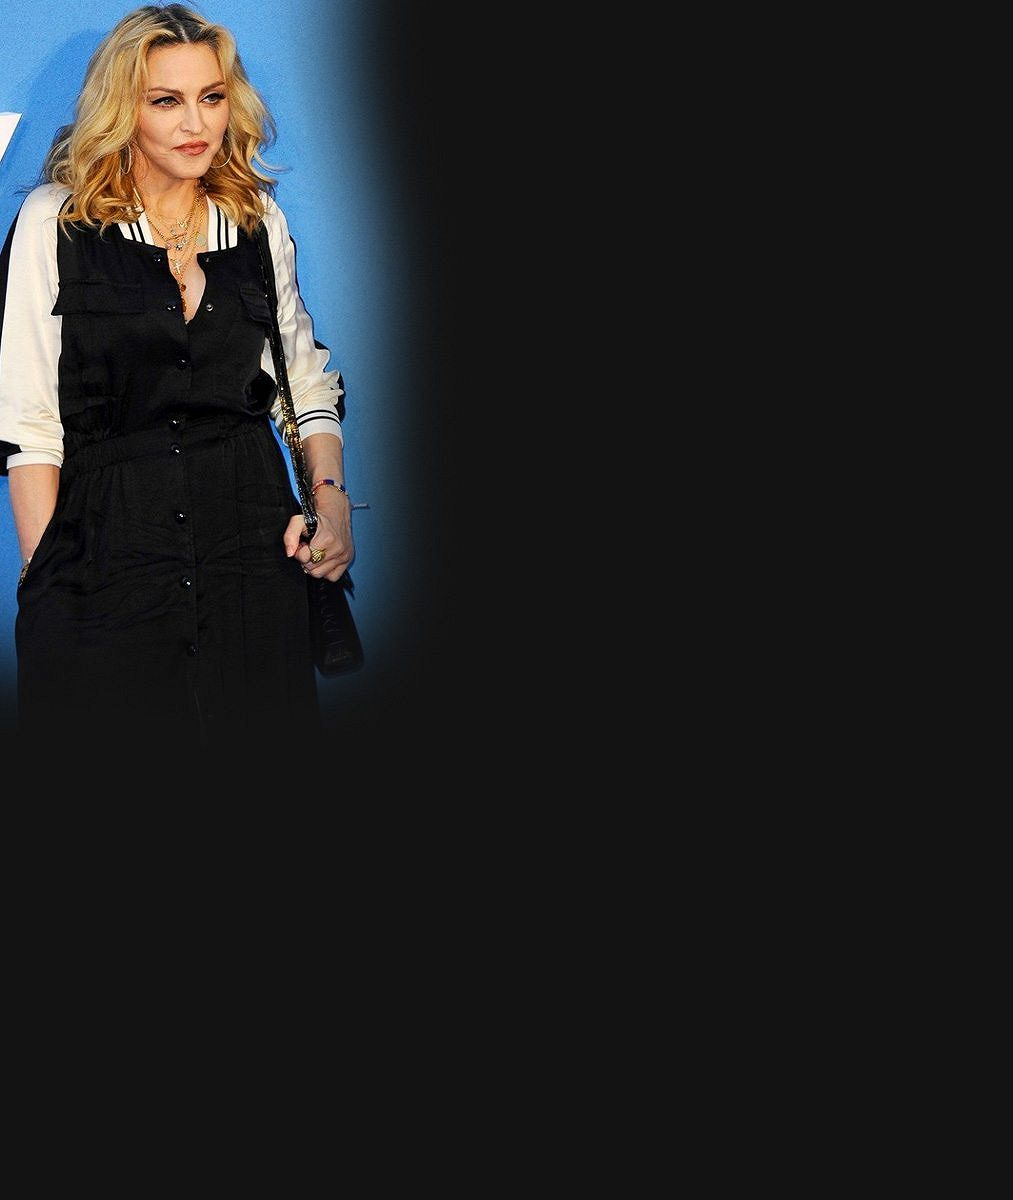 Madonna (59) čte před spaním knihu jako vyžilý sexsymbol: Povadlá prsa jí málem dolehla až ke stránkám